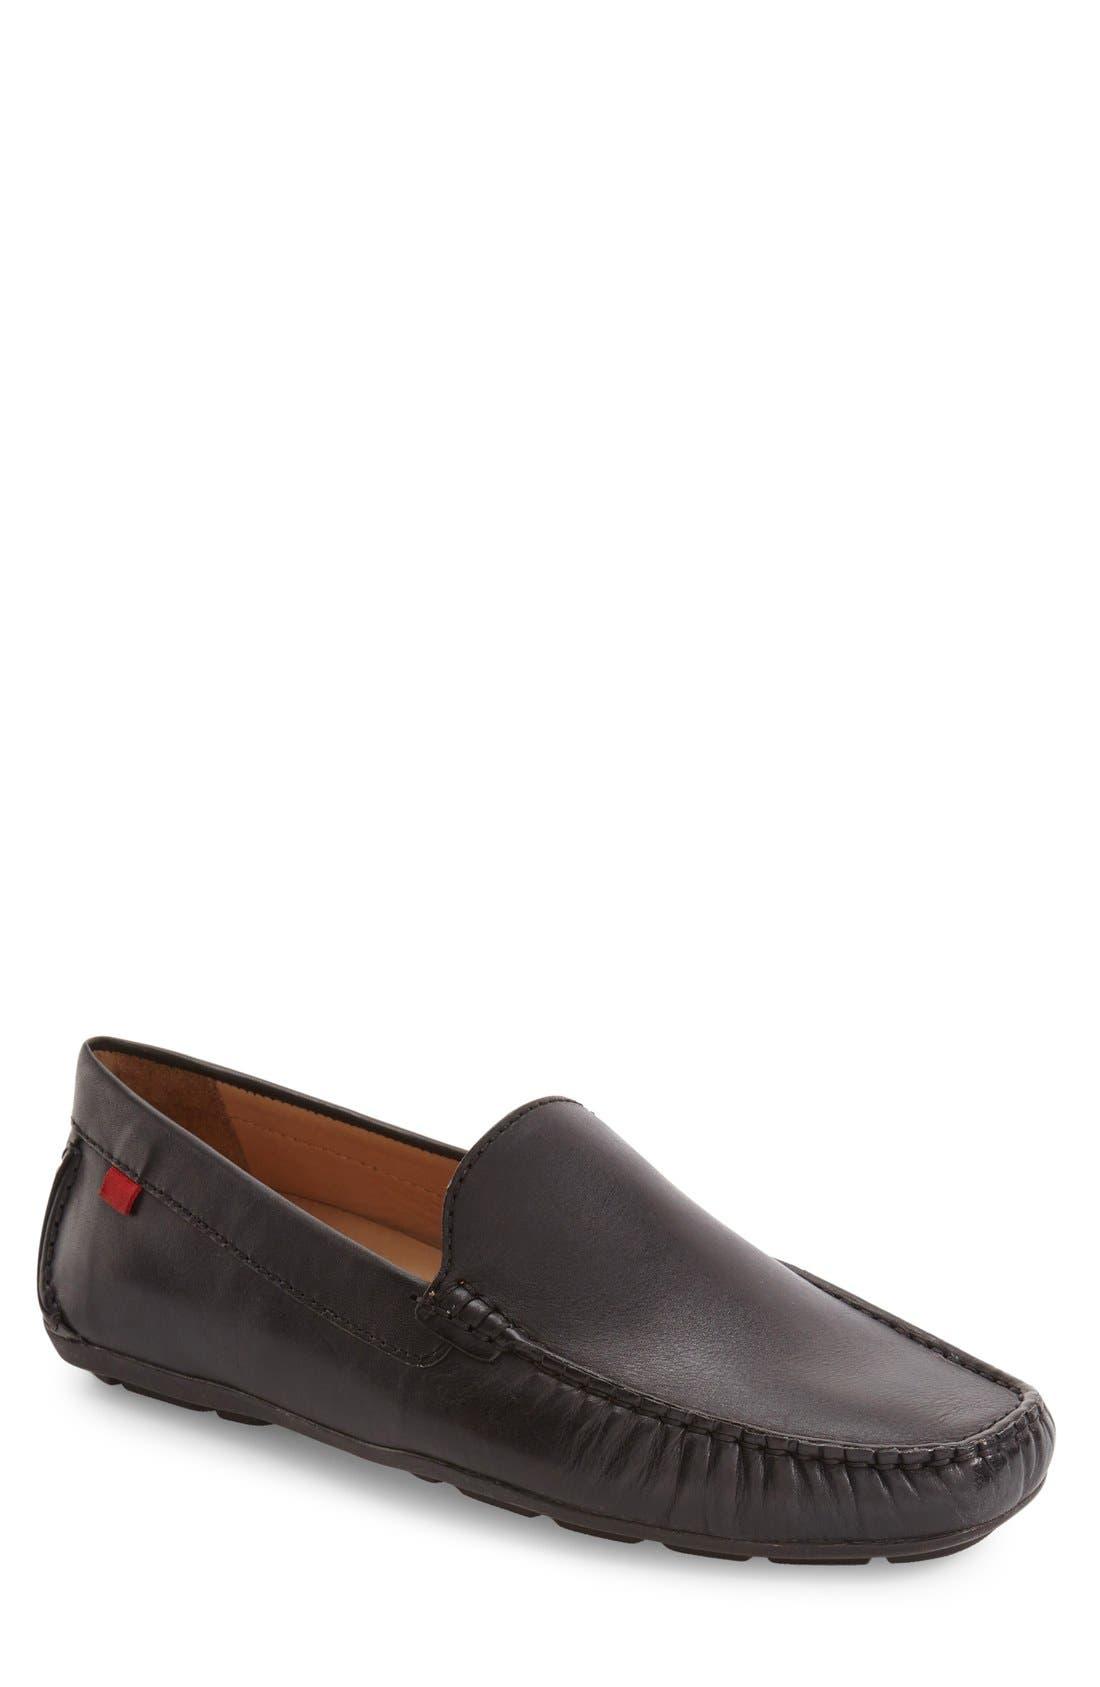 Marc Joseph New York Venetian Driving Loafer (Men)